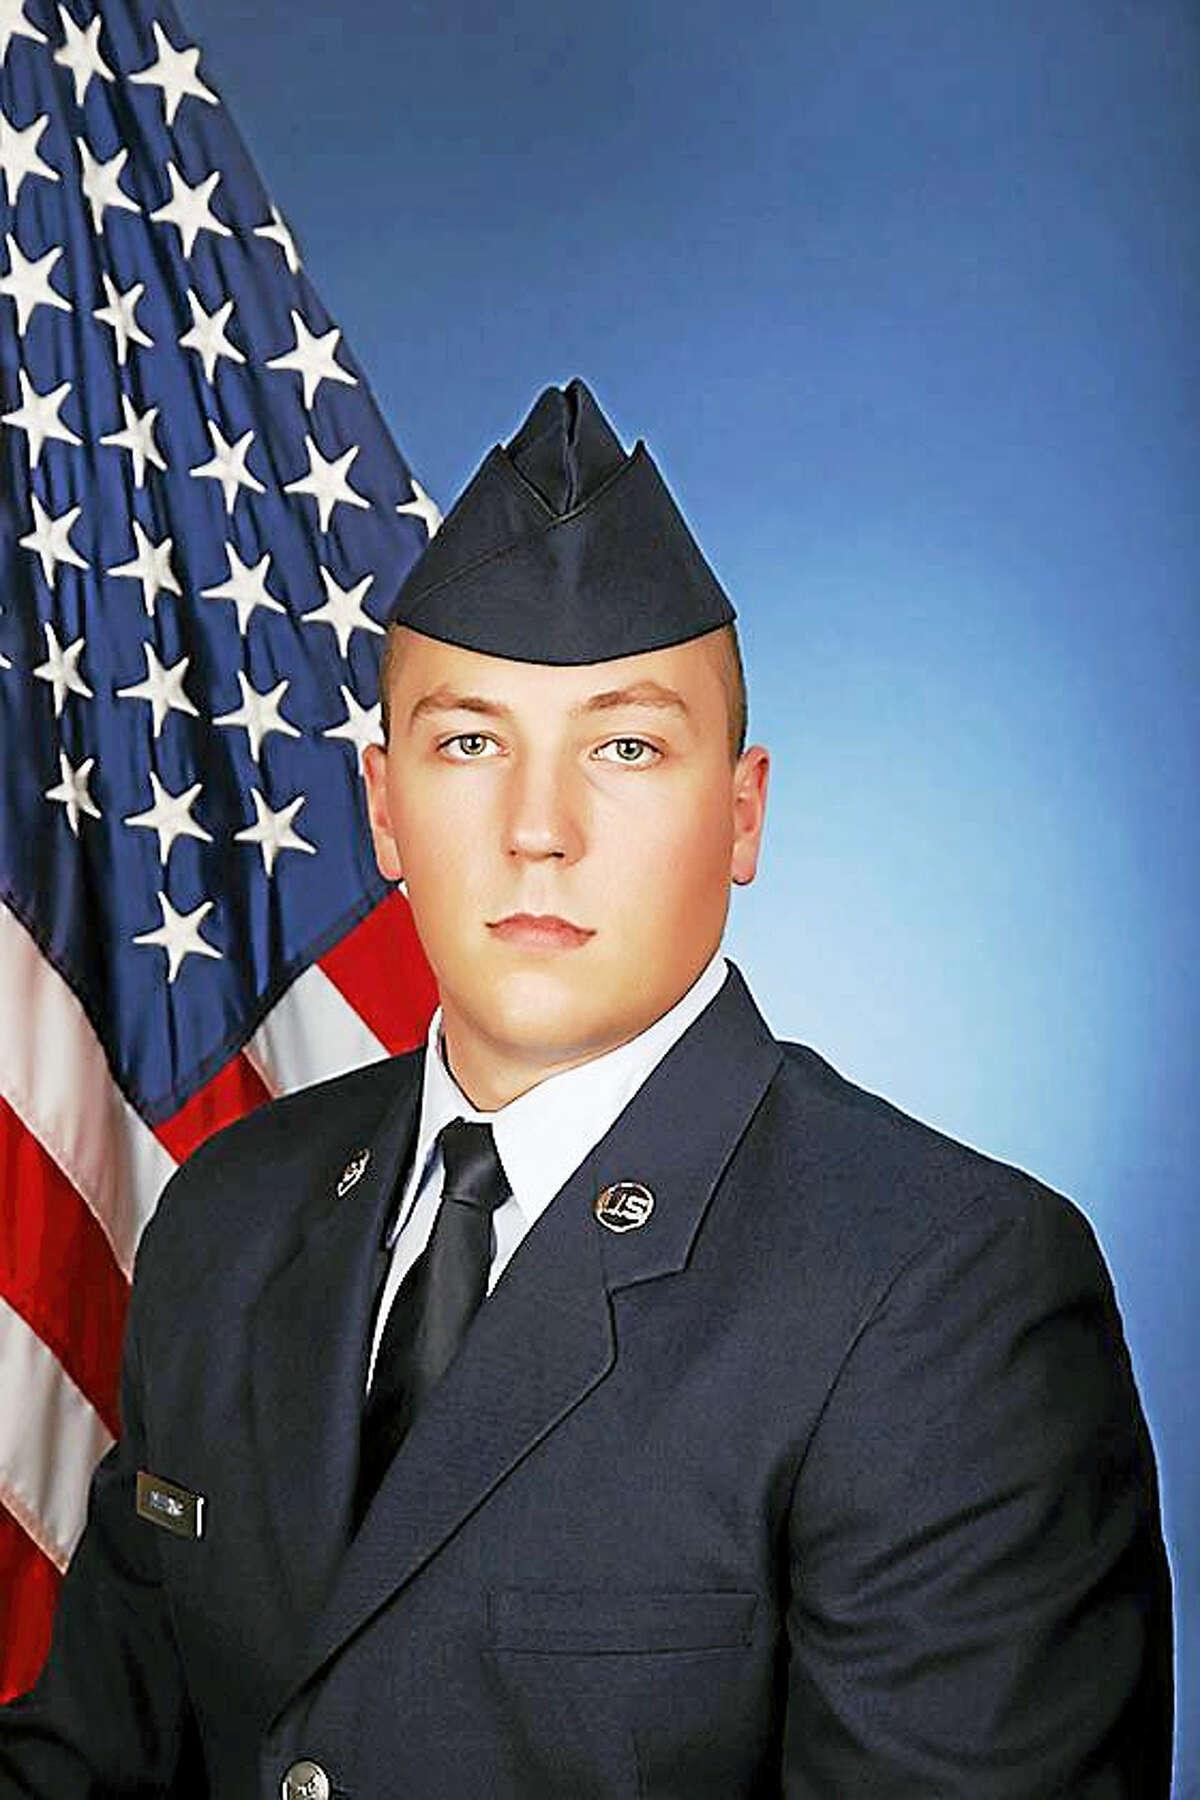 Airman Alex Deering